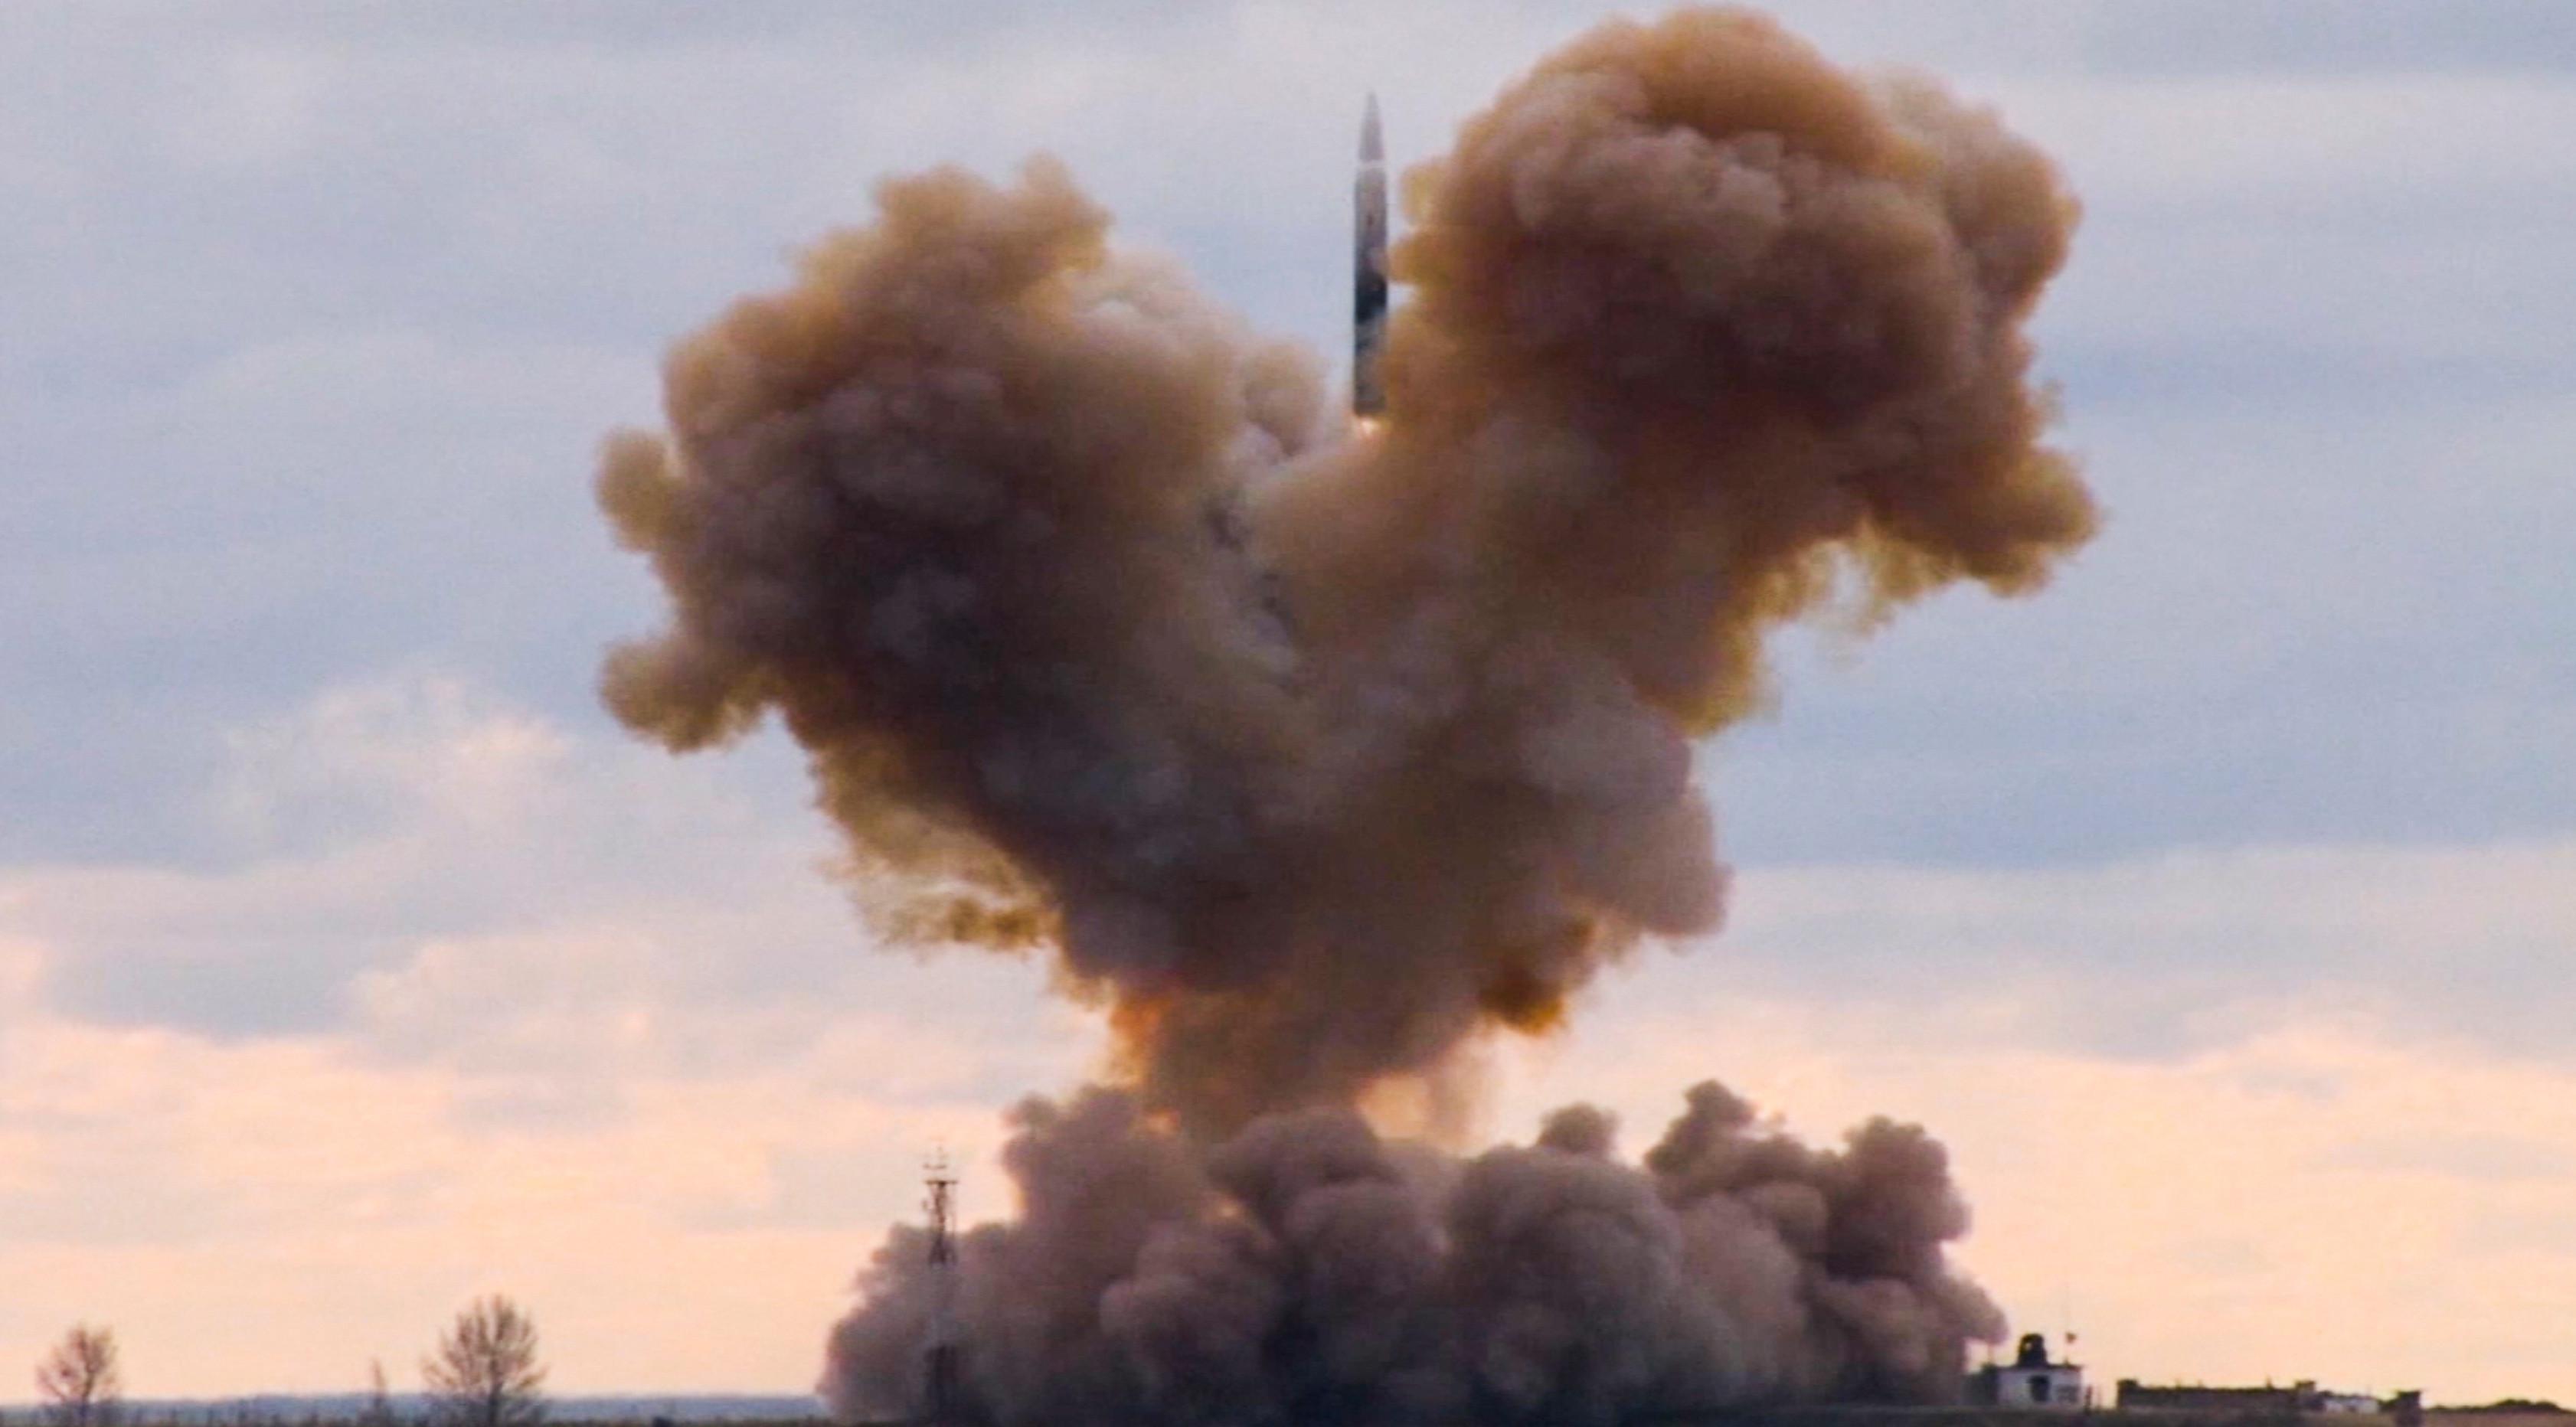 Kendaraan hipersonik Avangard saat peluncuran di lokasi yang tidak diungkapkan di Rusia. Presiden Vladimir Putin mengumumkan bahwa Rusia telah mengembangkan serangkaian senjata nuklir baru. (RU-RTR Russian Television via AP)